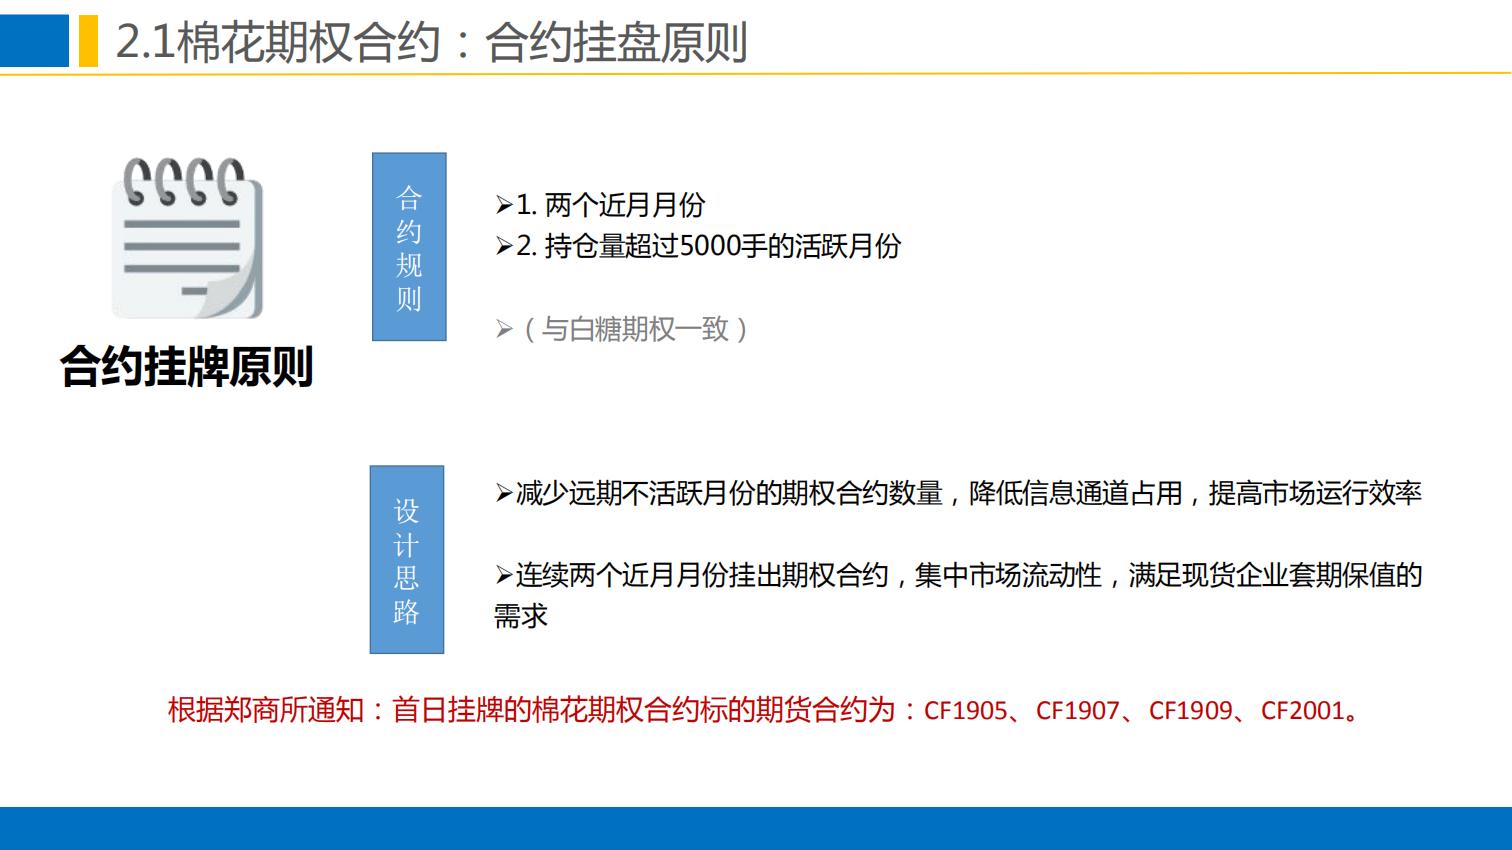 晨会:郑商所培训分享-棉花期权合约规则与上市工作安排0111.pdfx_11.png